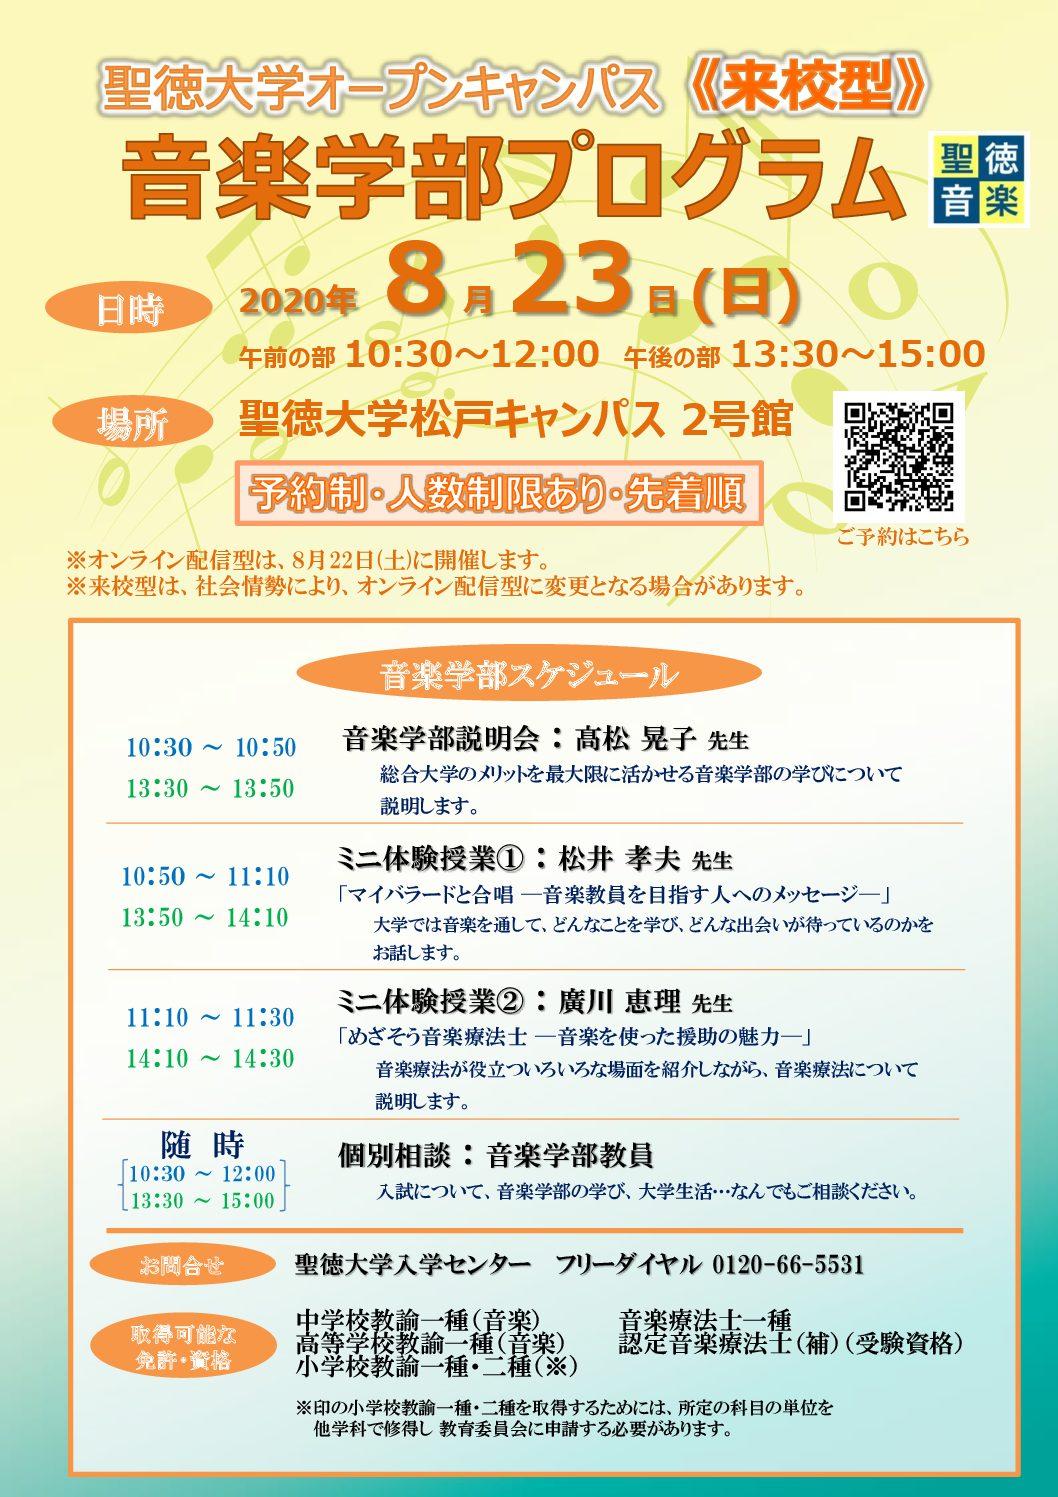 8月23日(日) 来校型オープンキャンパスを開催します~音楽学部のプログラム紹介~〔要予約〕